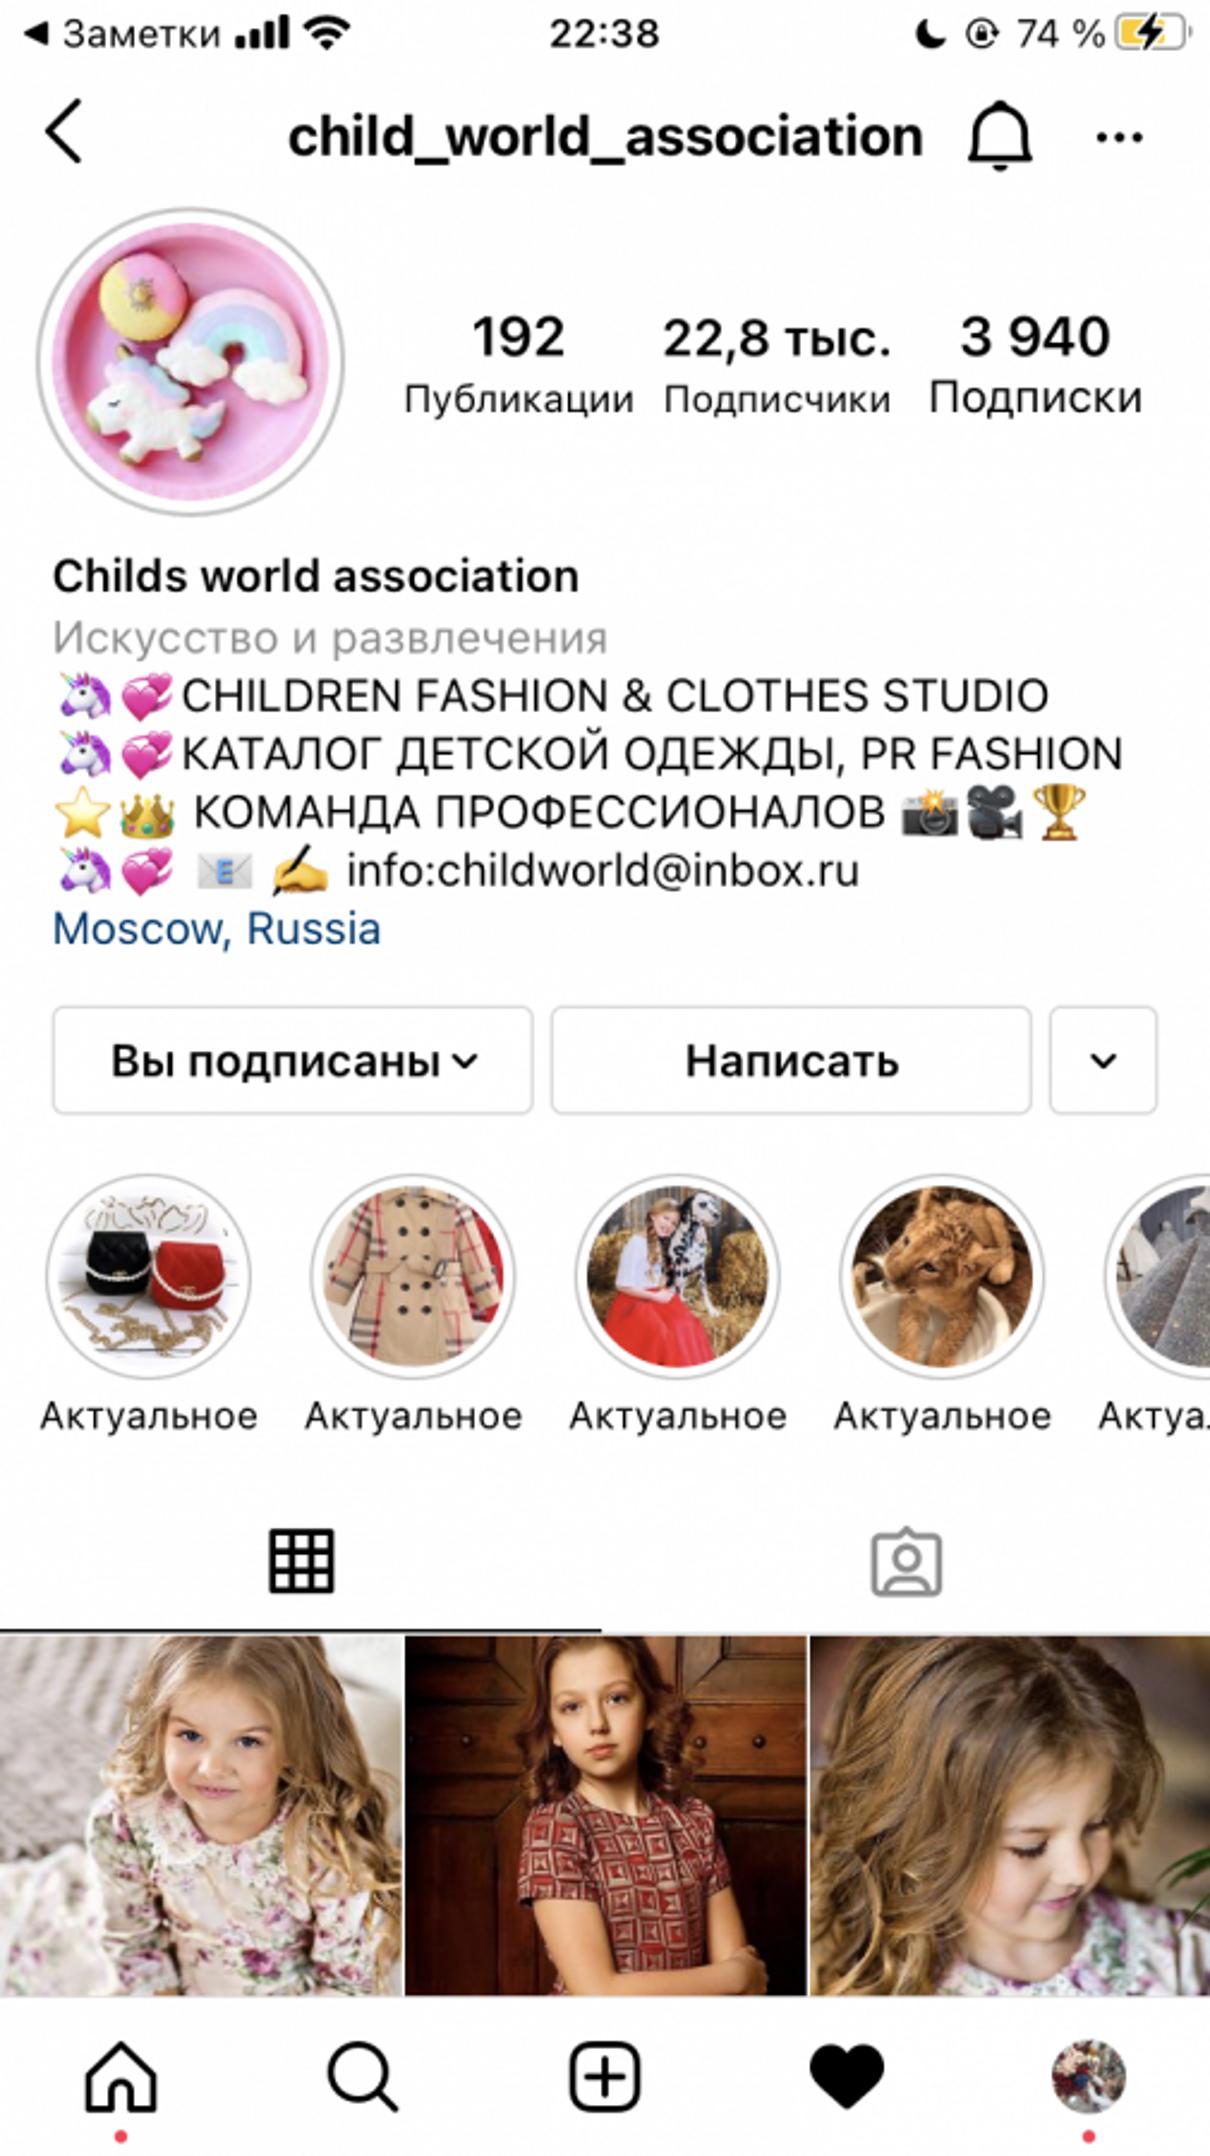 Жалоба-отзыв: Children_fashion_world_ - Осторожно мошенники.  Фото №2